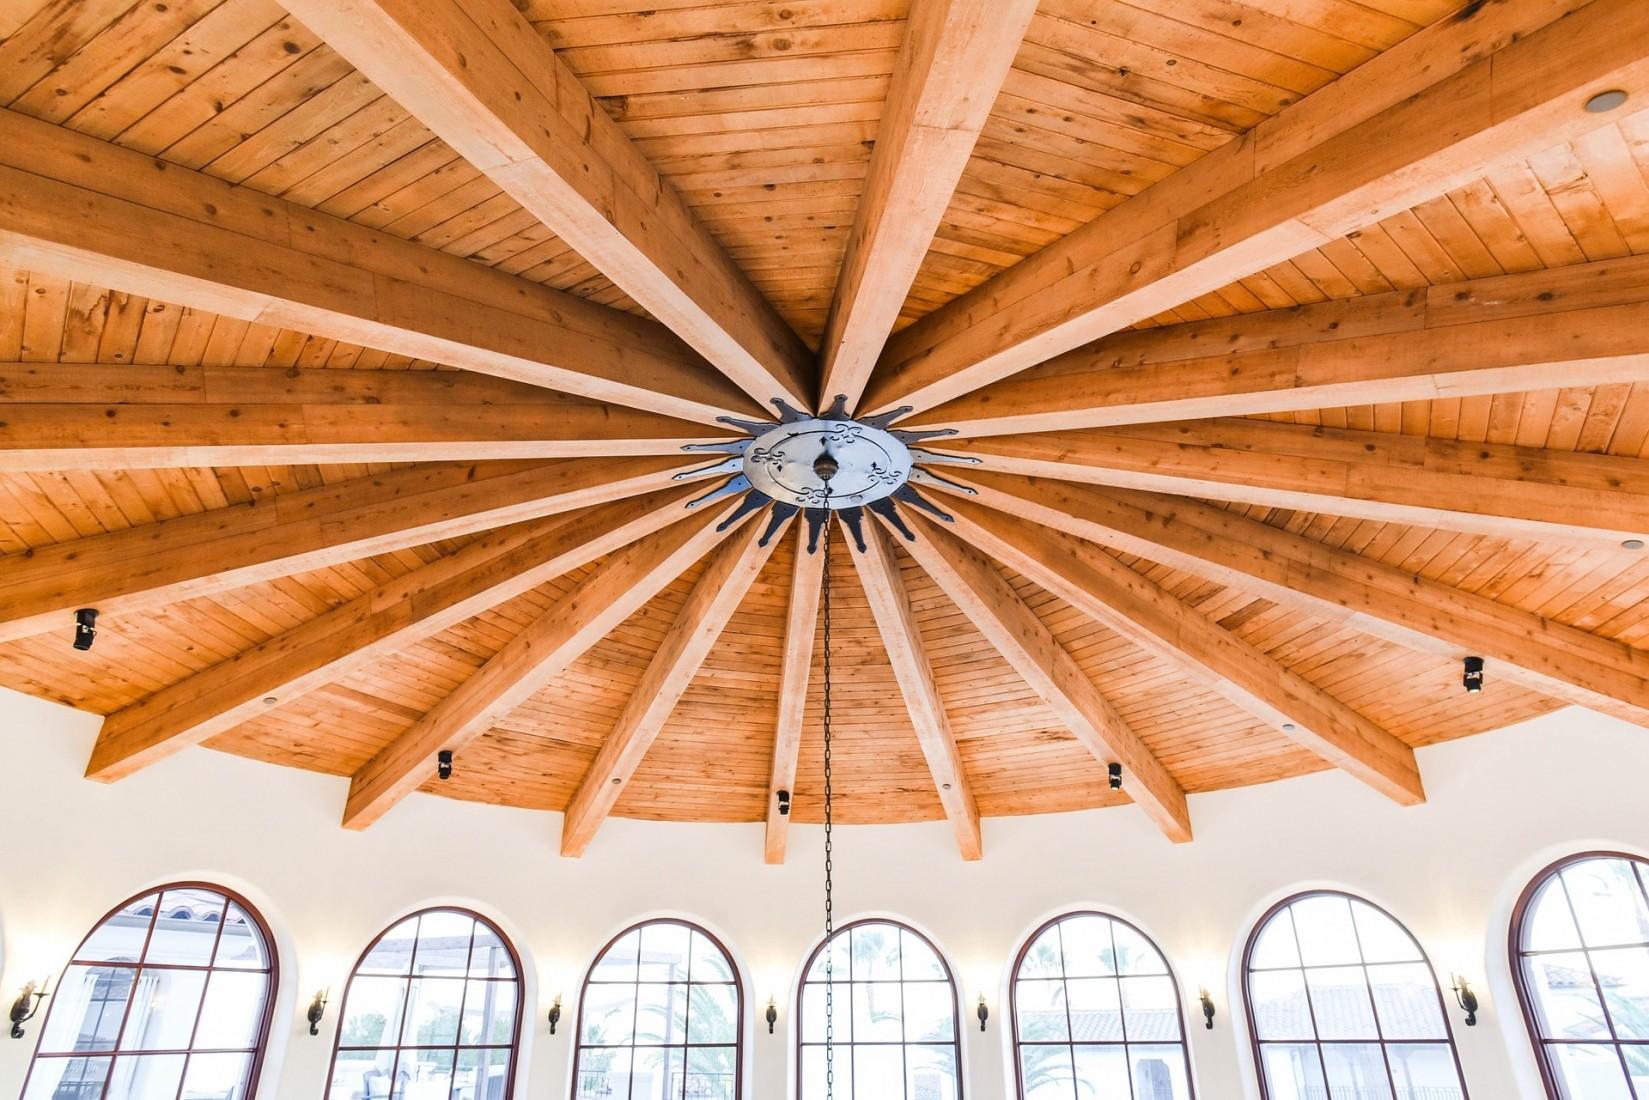 Einfache Holzbalkendecke ohne Füllung – aber in außergewöhnlicher Form. Foto: Pixabay